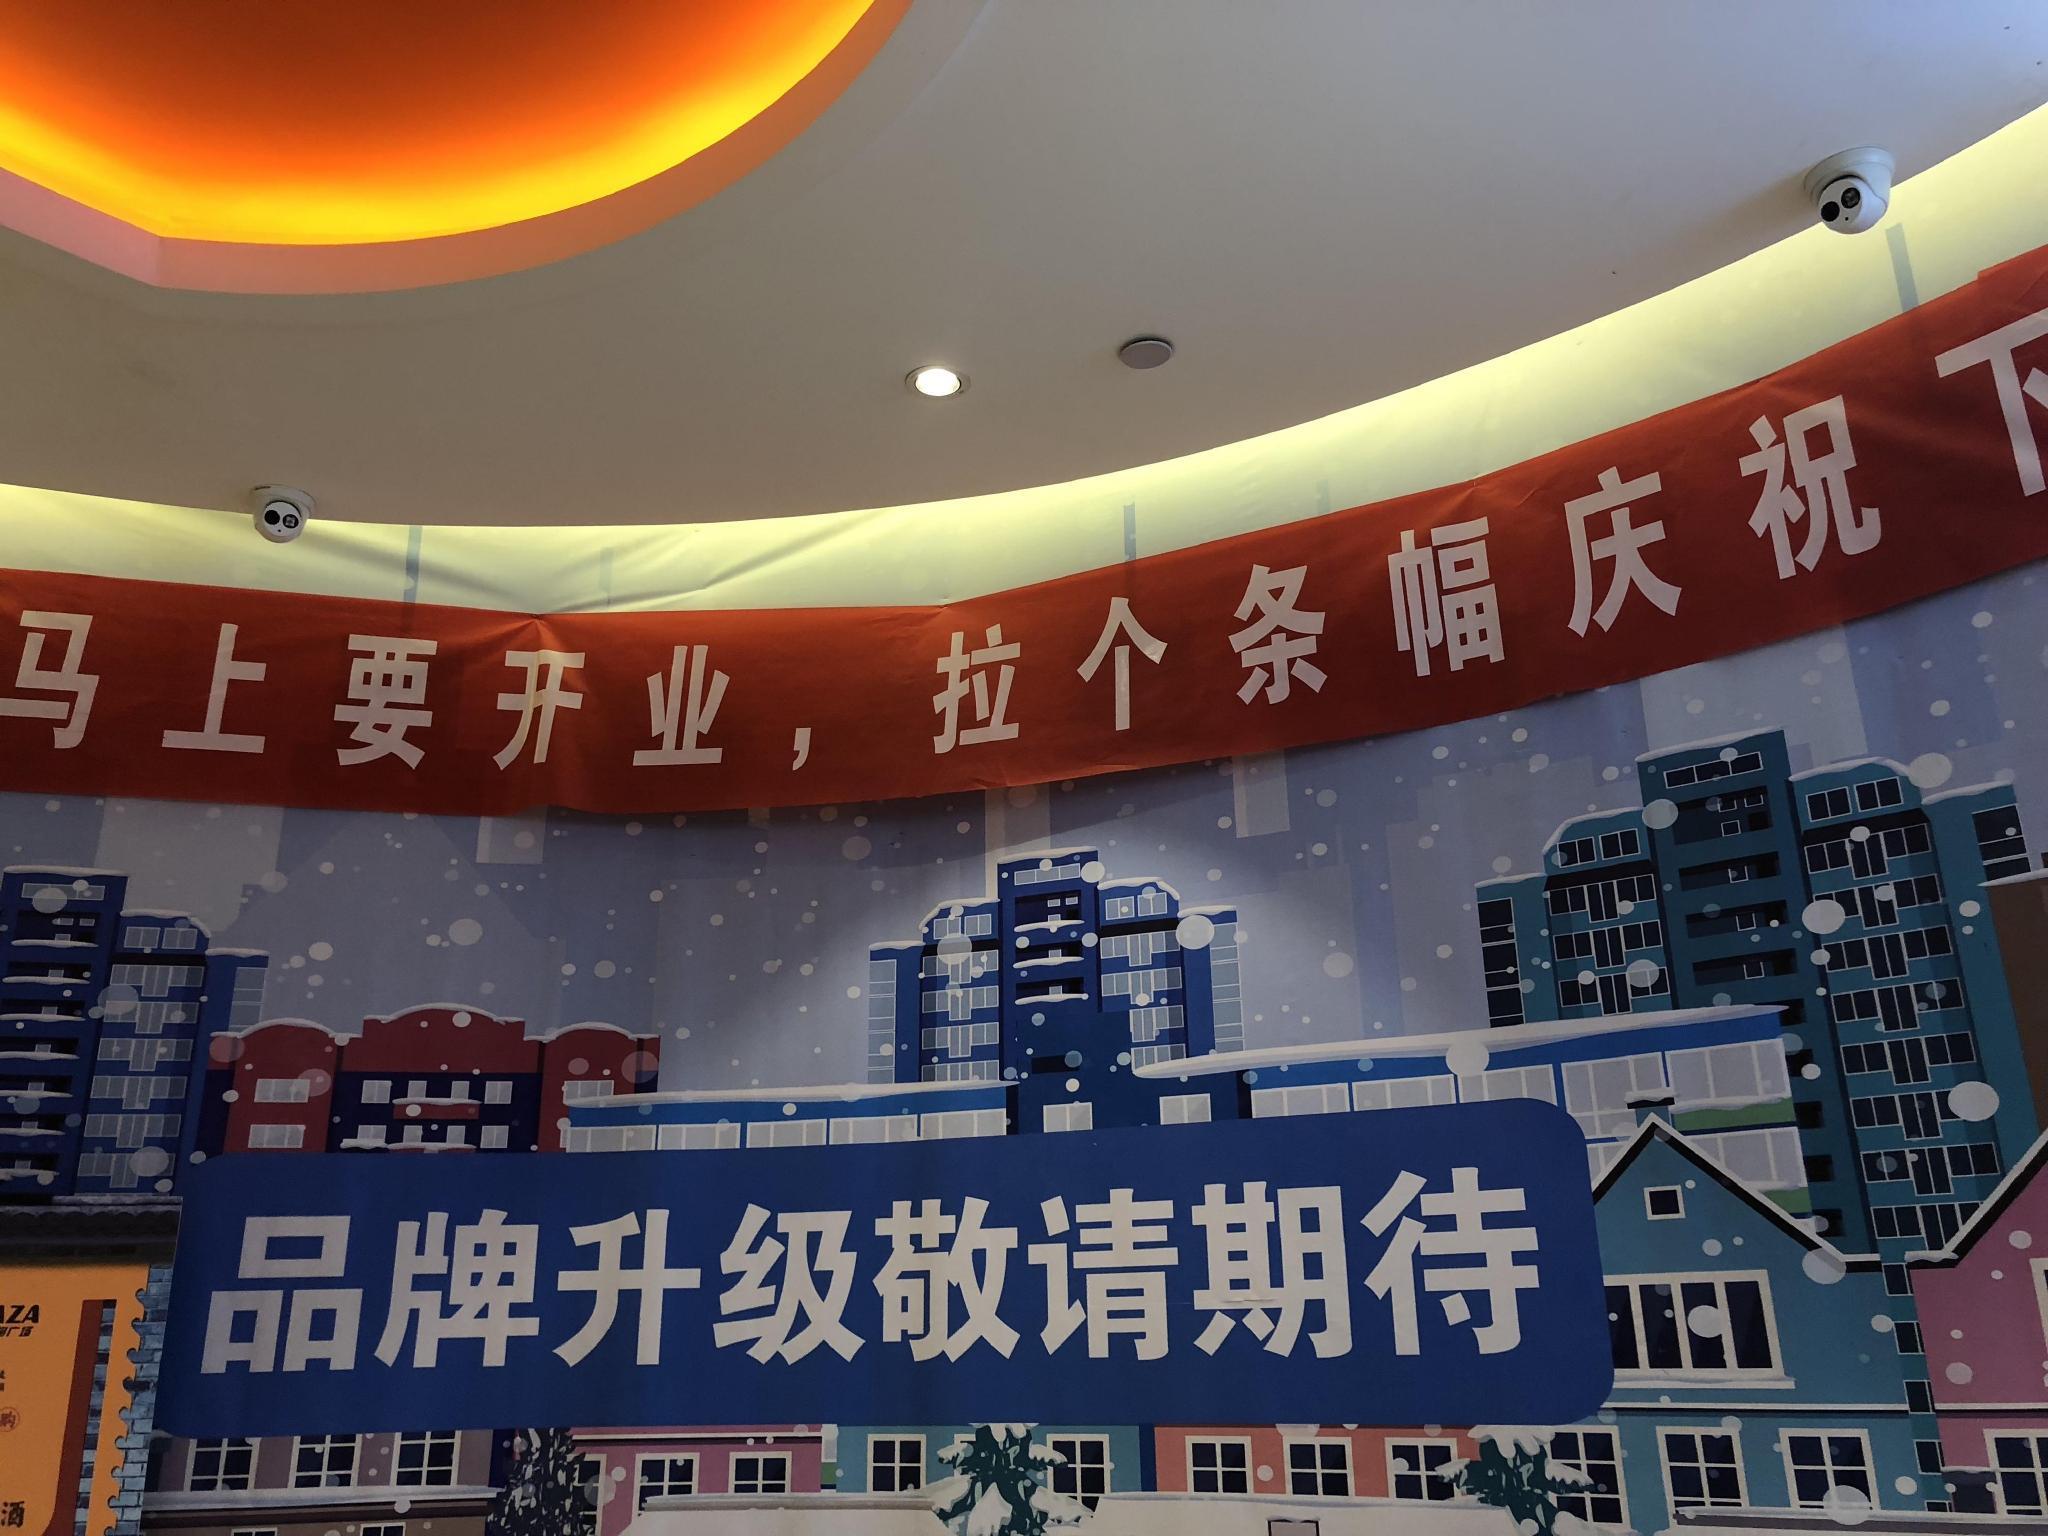 近日,忻州某商场楼上的商家拉起了创意条幅.